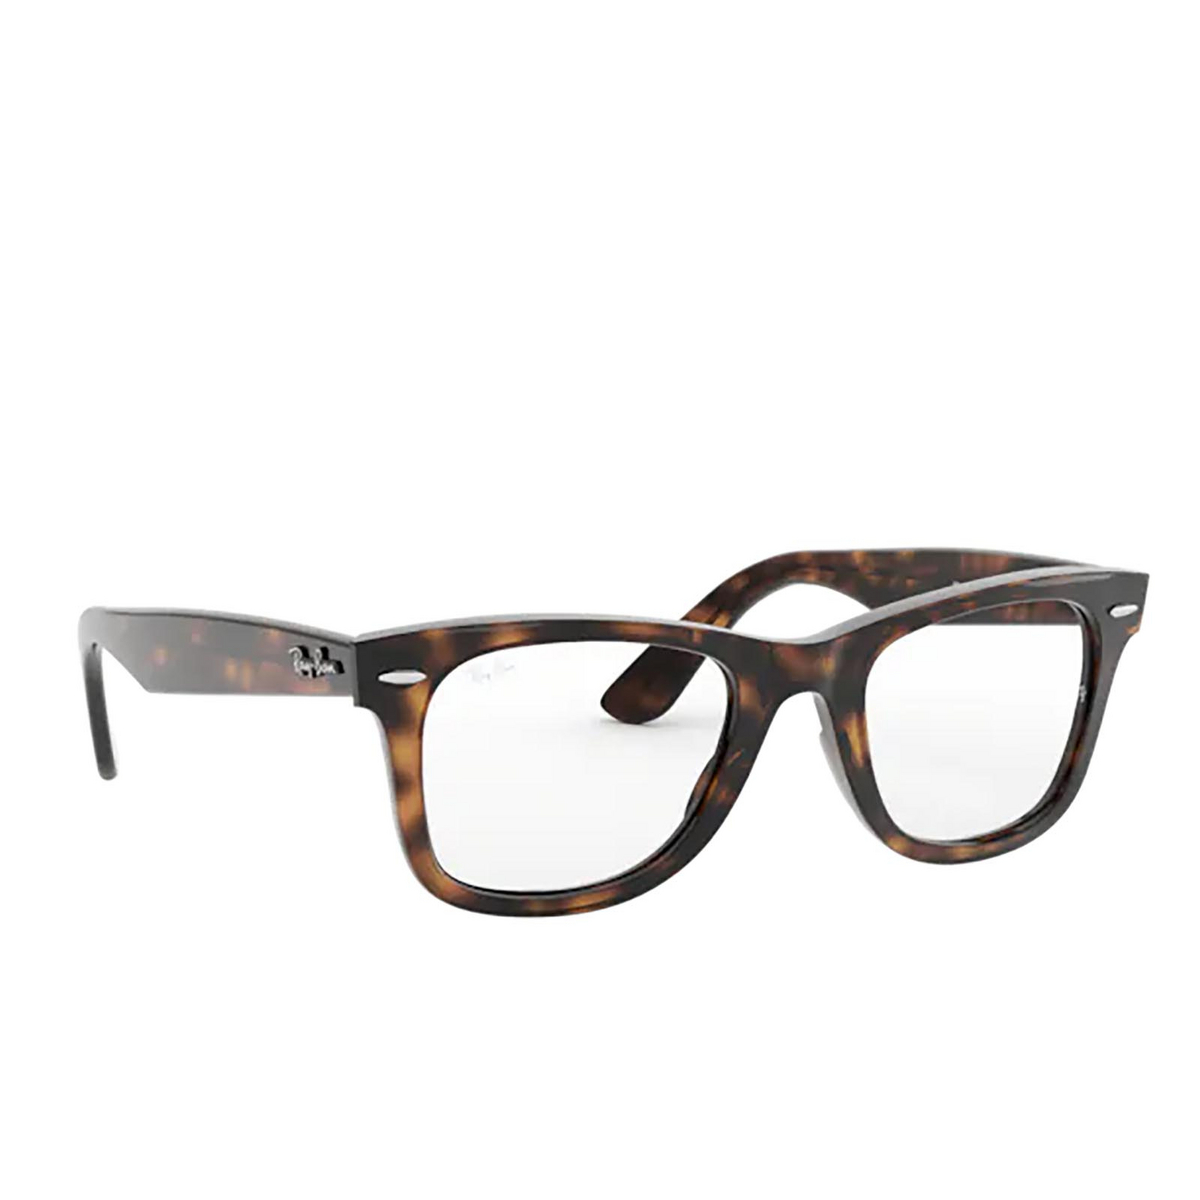 Ray-Ban® Square Eyeglasses: Wayfarer Ease RX4340V color Havana 2012.